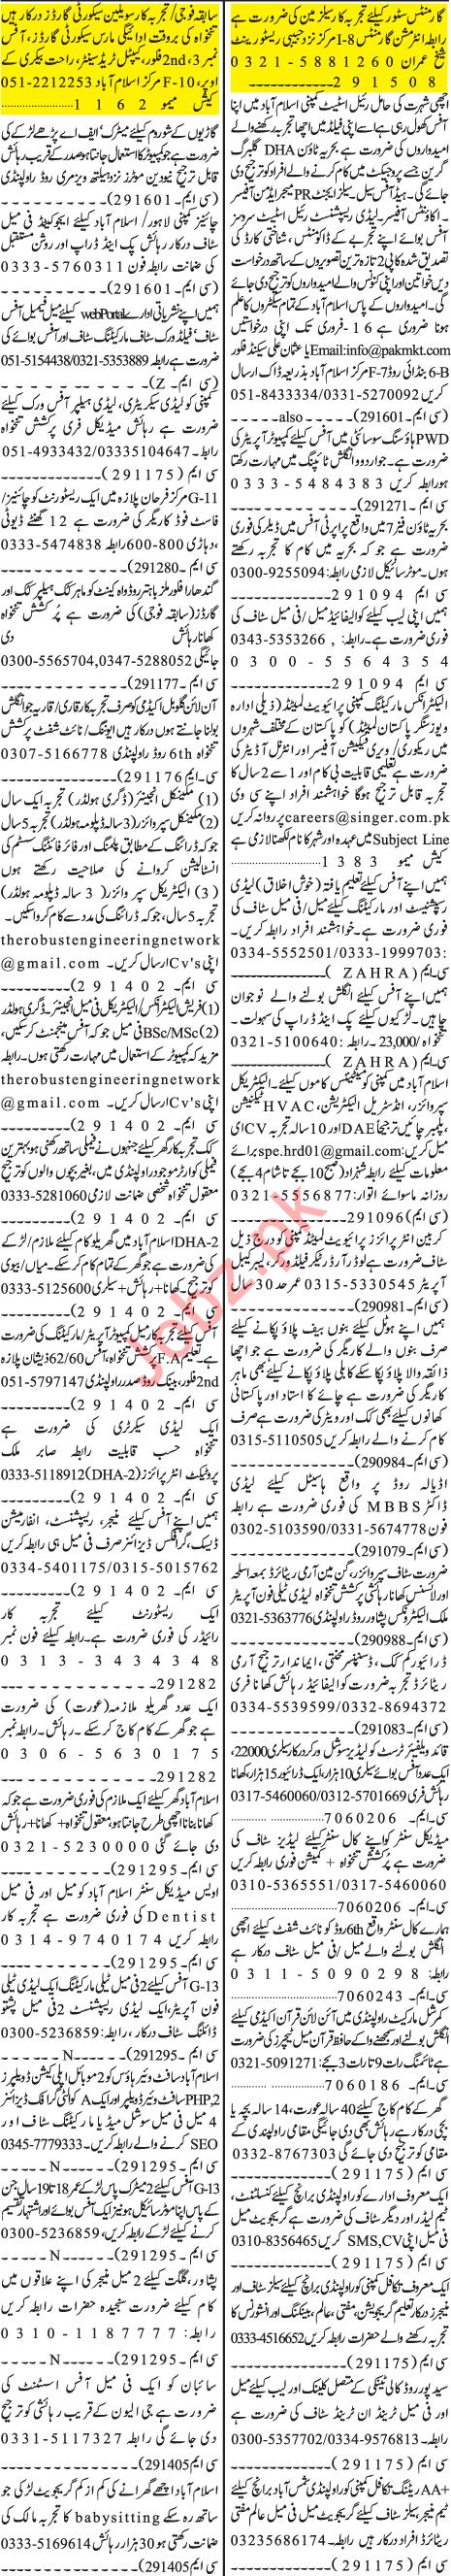 Jang Sunday Rawalpindi Classified Ads 10th Feb 2019